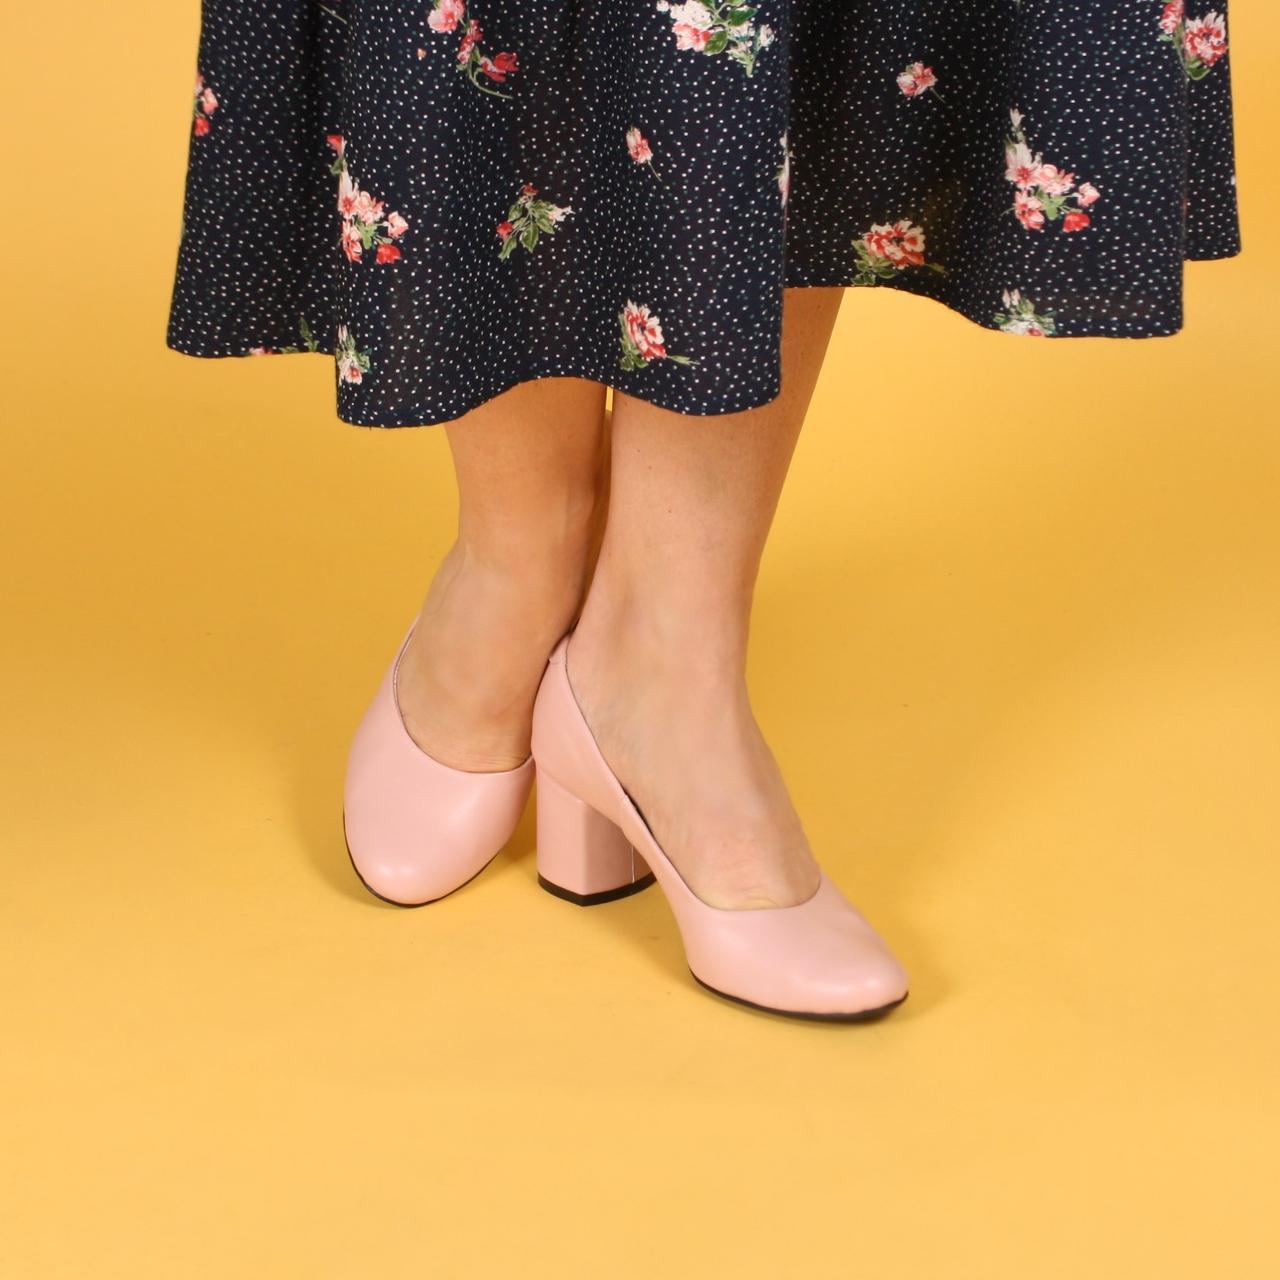 Женские туфли розовые на среднем каблуке. Натуральная кожа, замша.